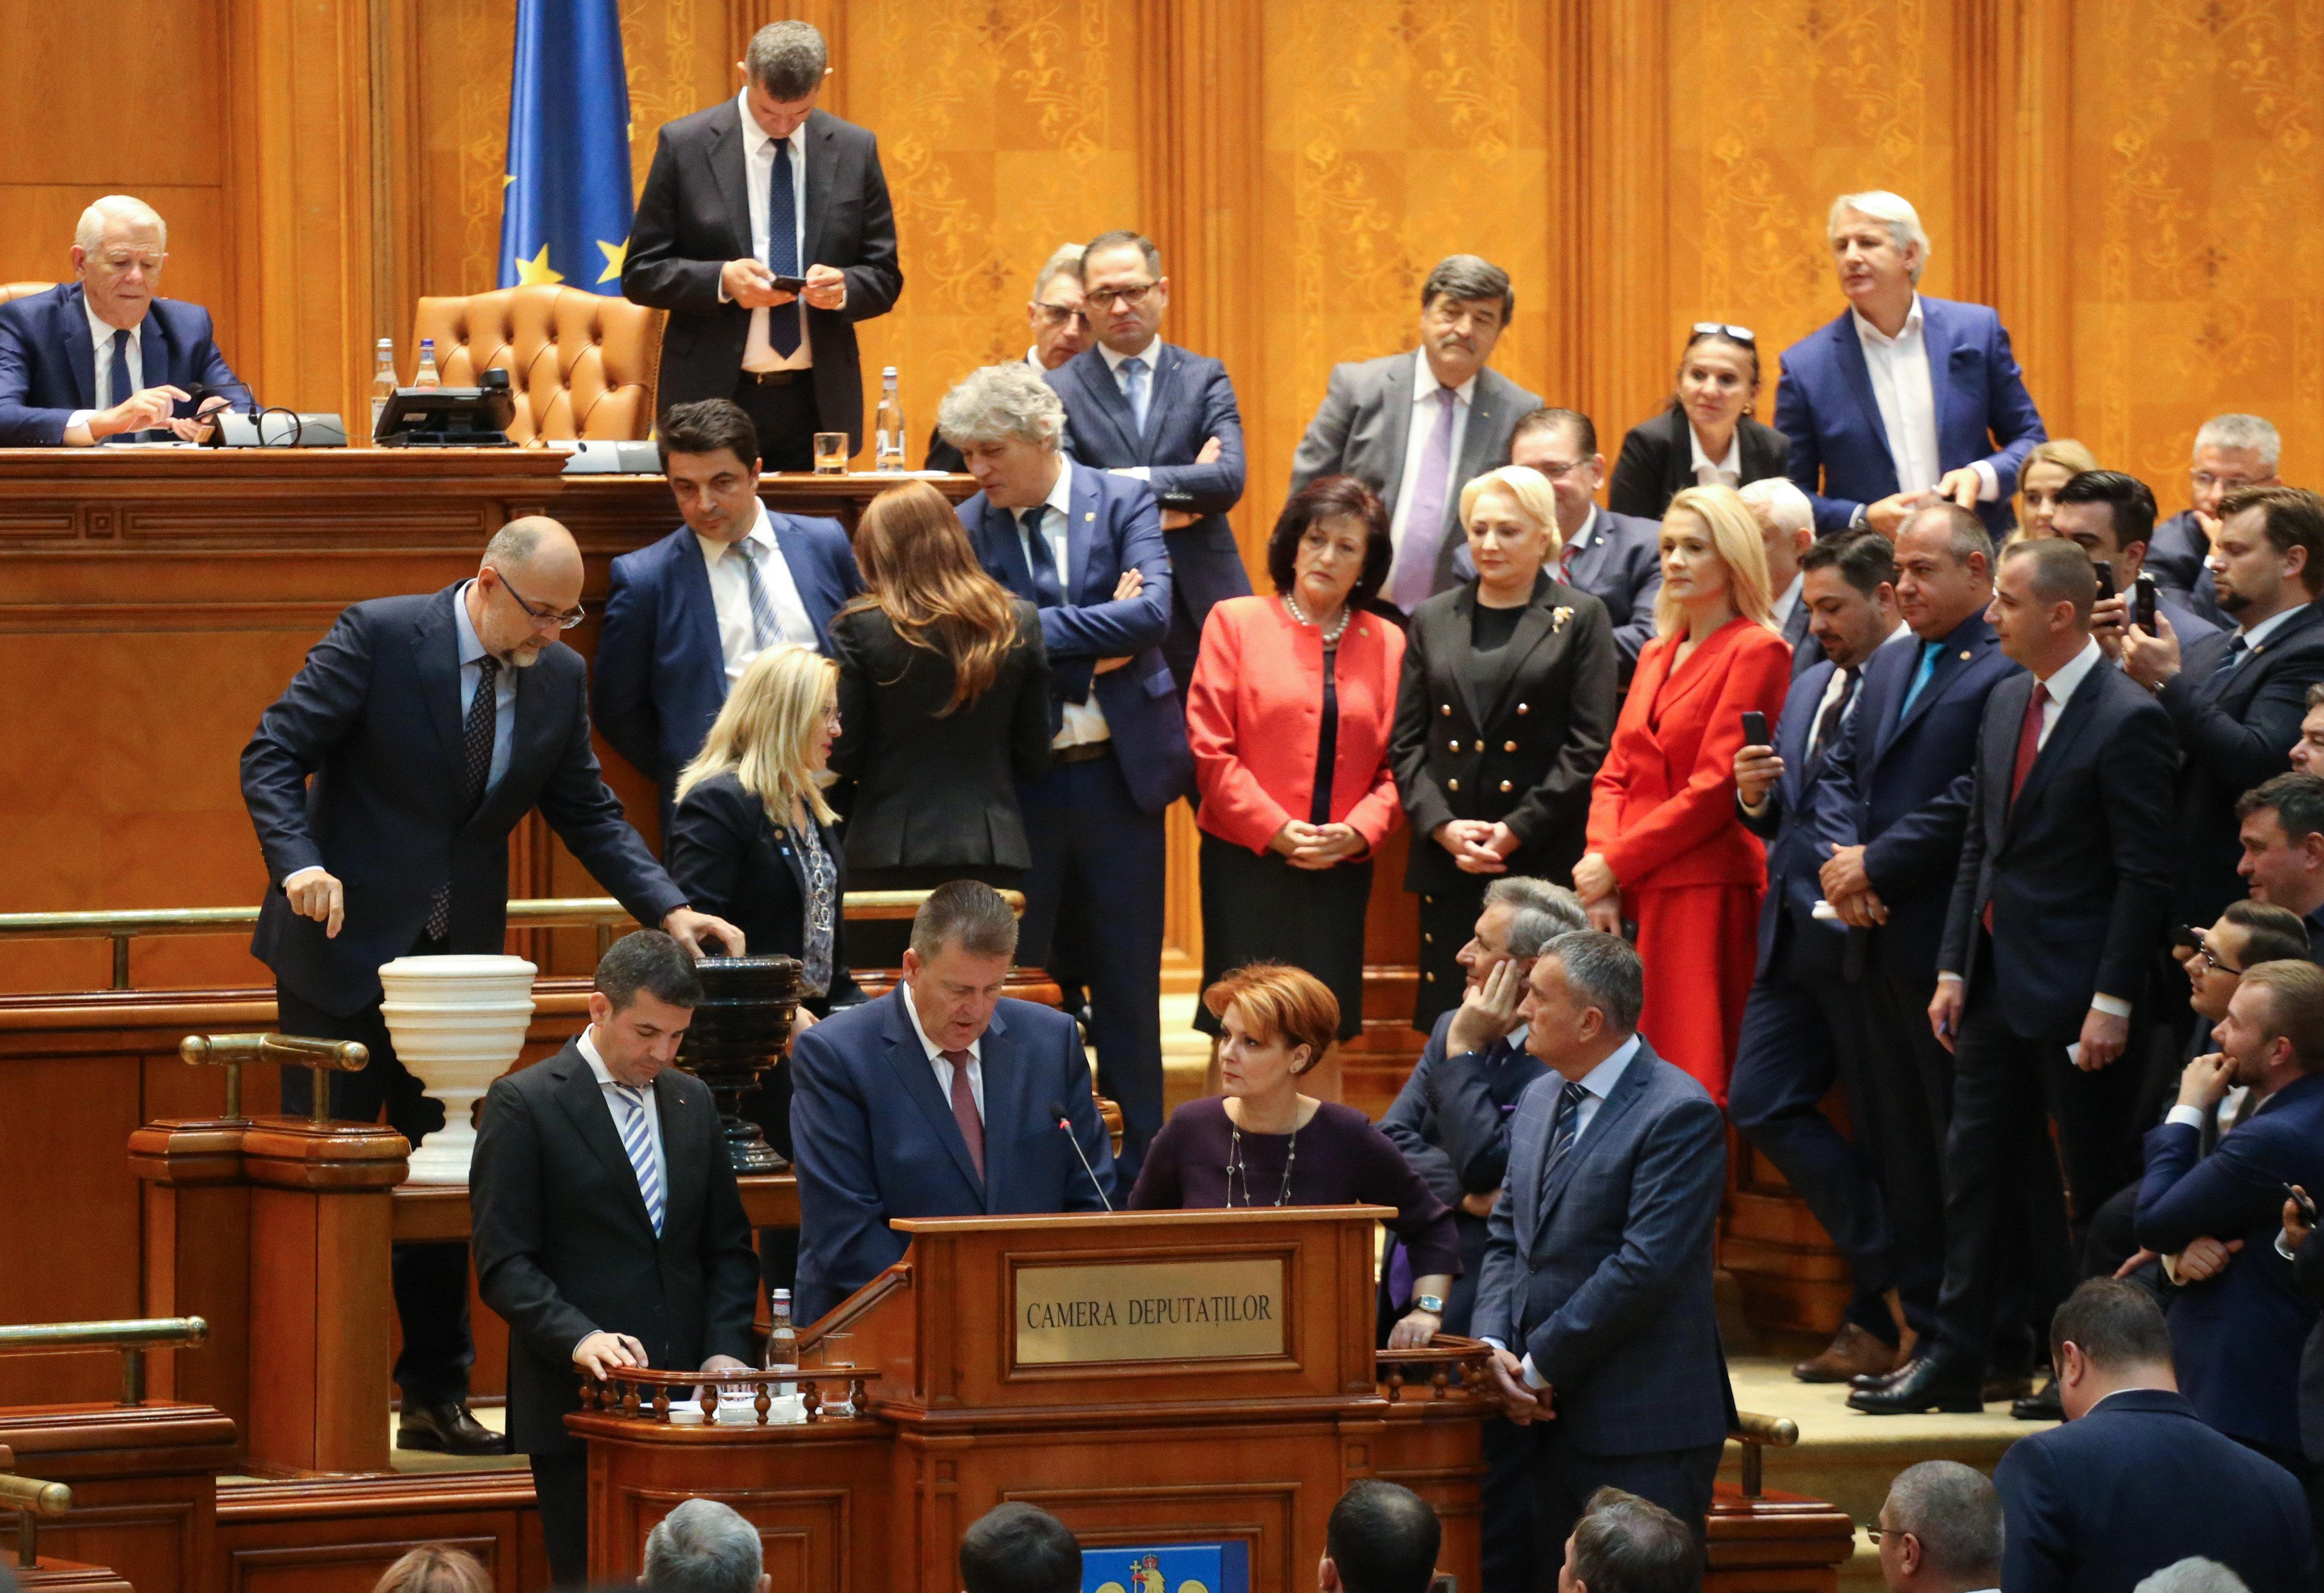 Megbukott a szociáldemokrata Viorica Dancila vezette román kormány